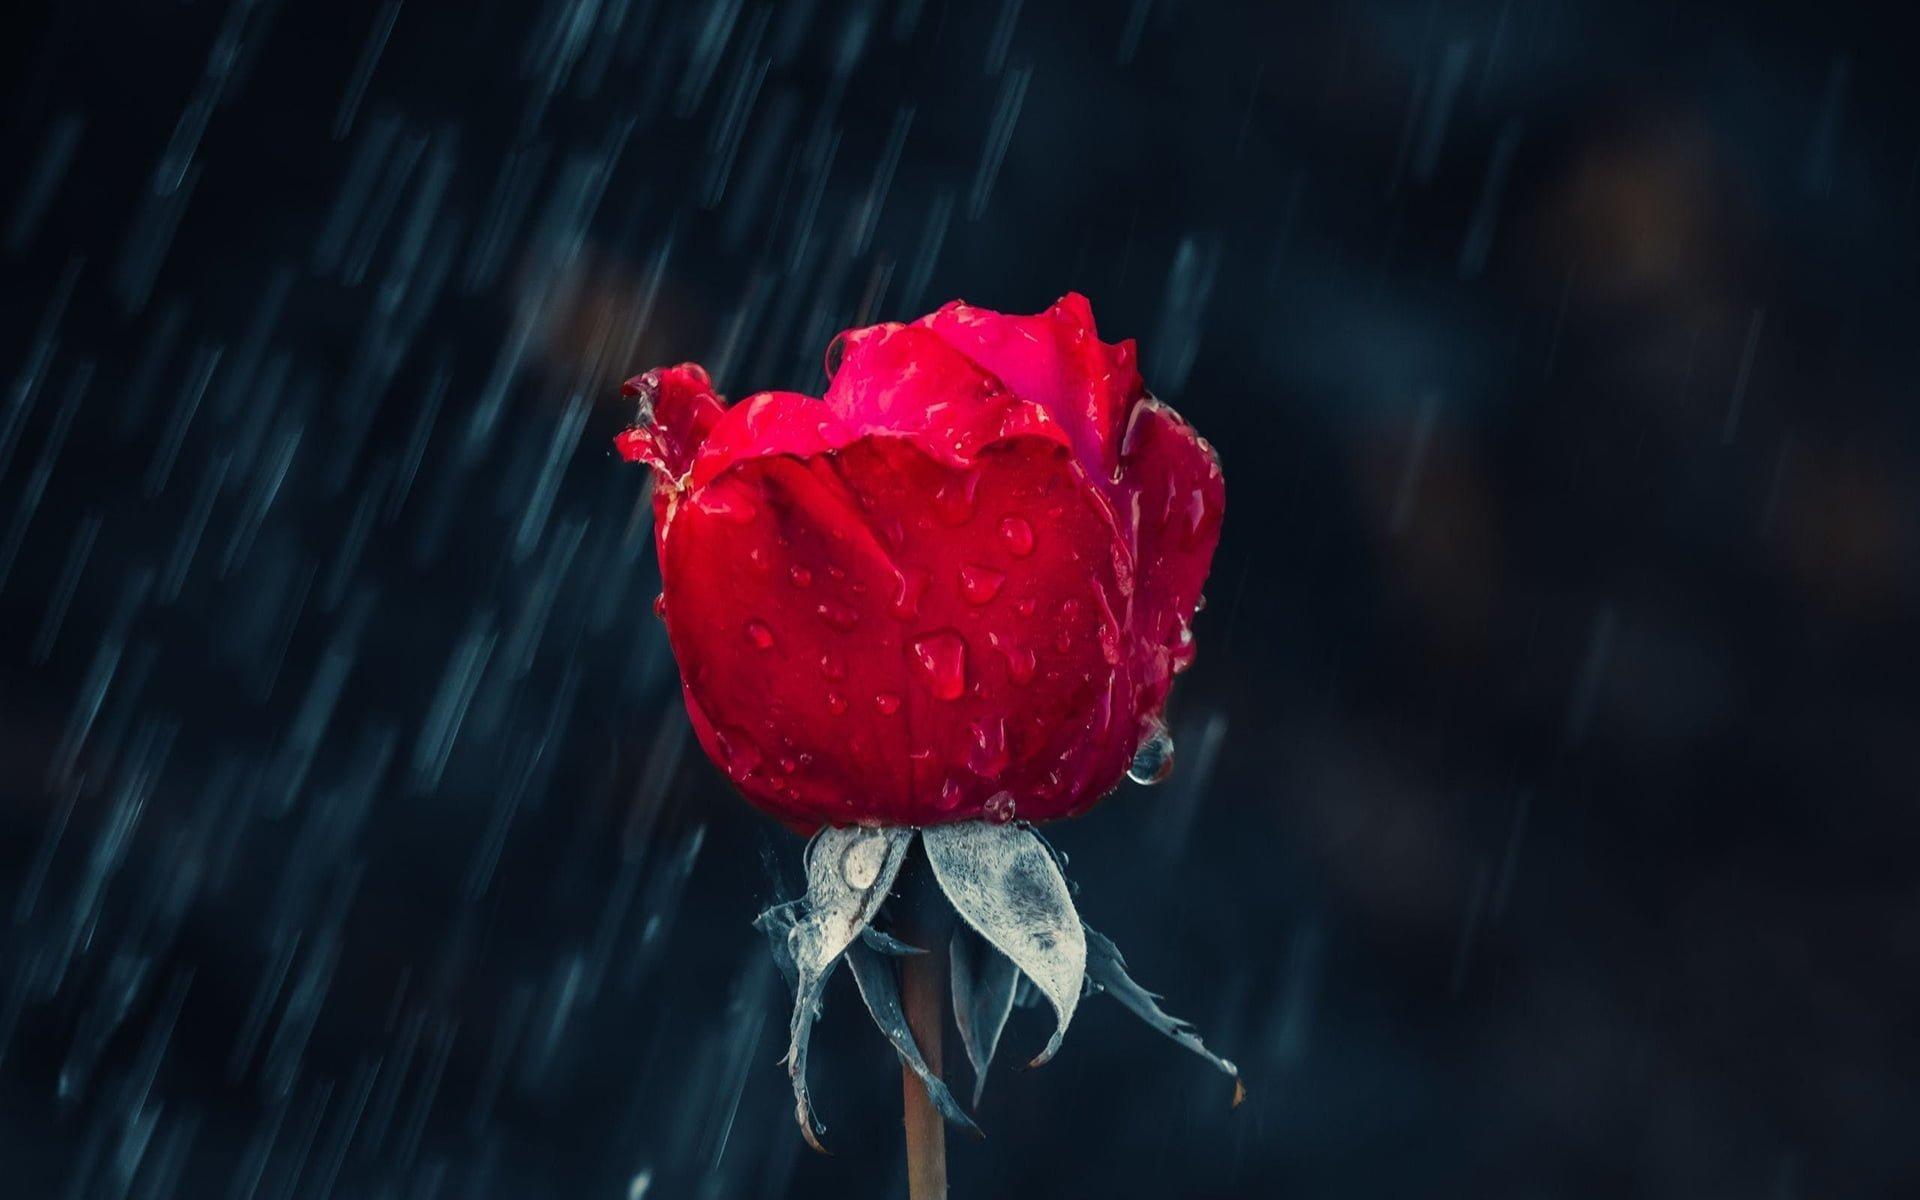 Yağmur ve Kırmızı Gül - Kırmızı Gülün En Güzel Halleri